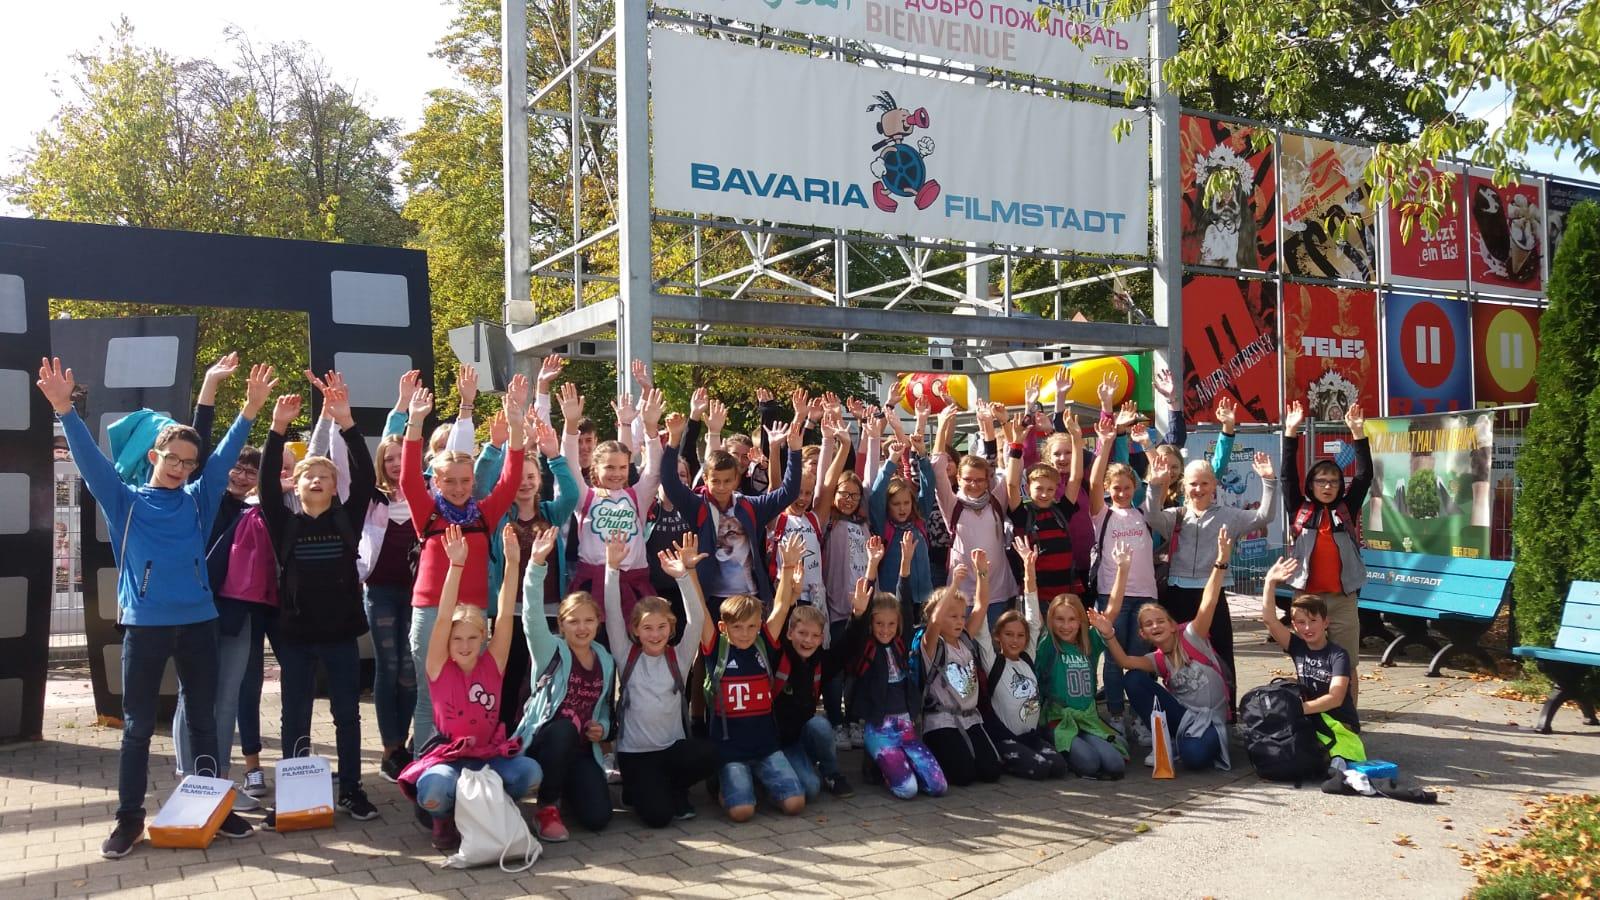 Gruppenbild der Ministranten der Pfarreiengemeinschaft beim Ausflug im September 2018 zur Bavaria Filmstadt in Geiselgasteig